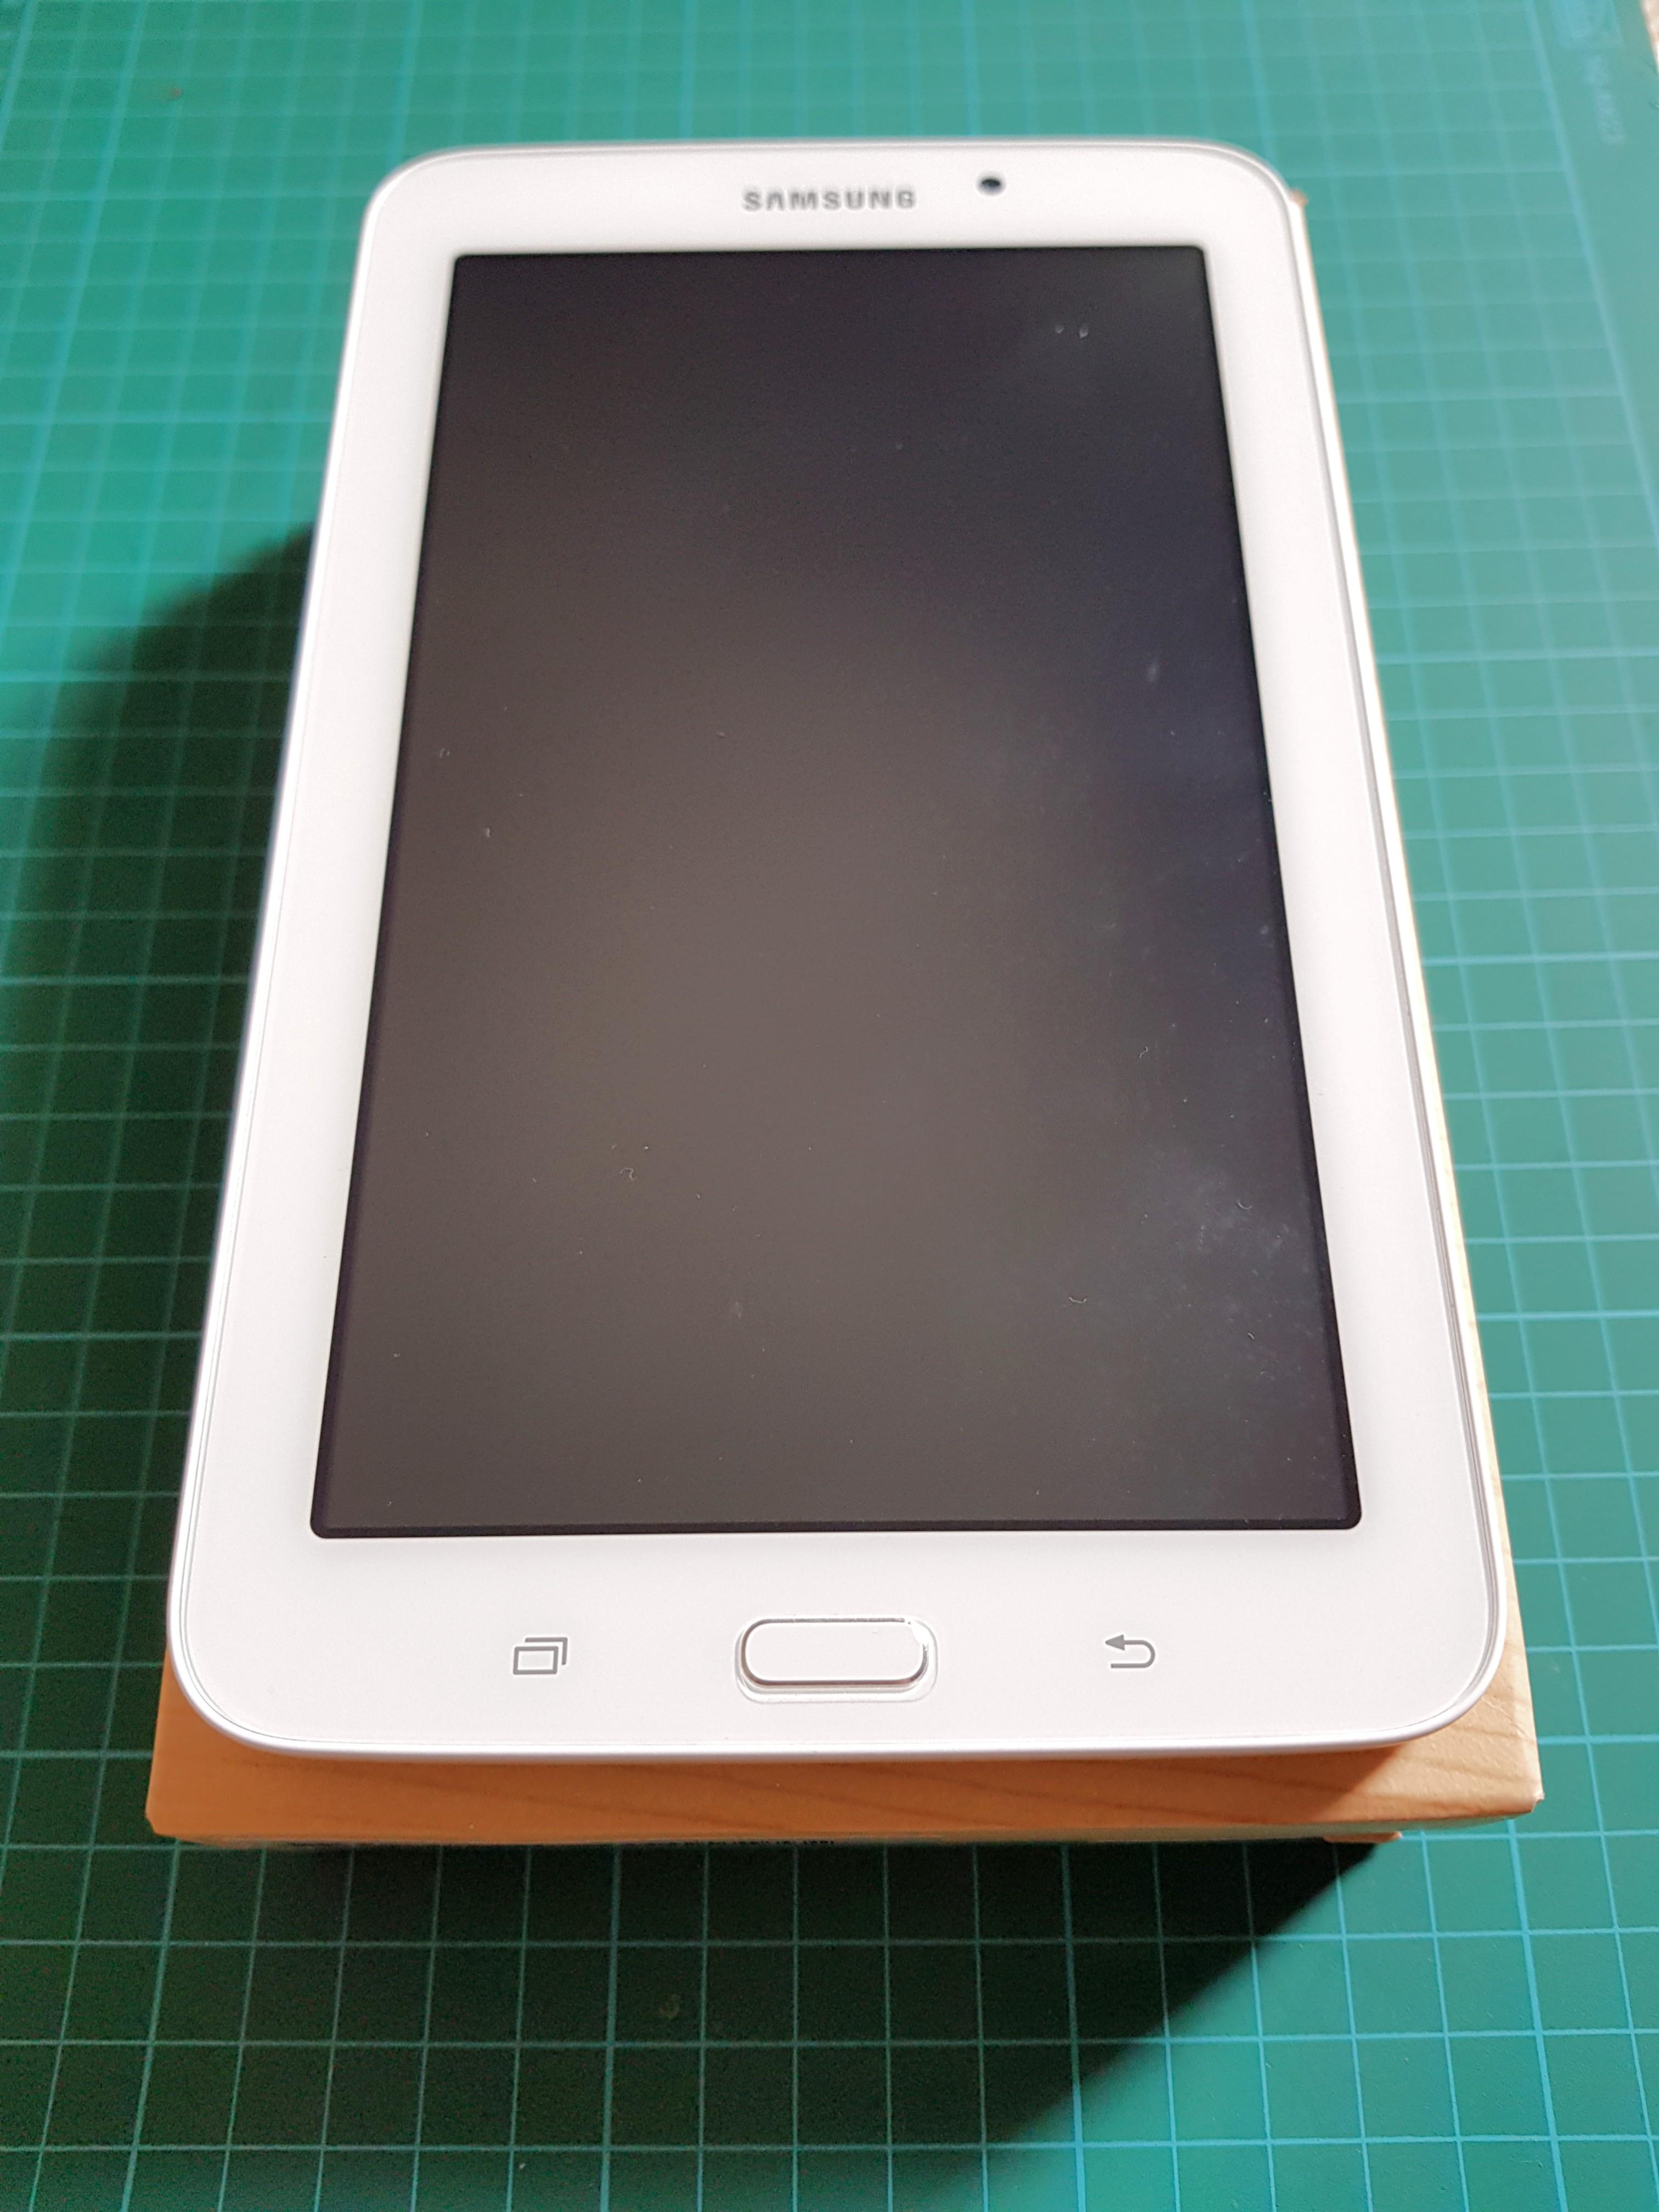 Samsung Galaxy Tab 3v Wifi 8gb Mobiles Tablets On 3 V Photo